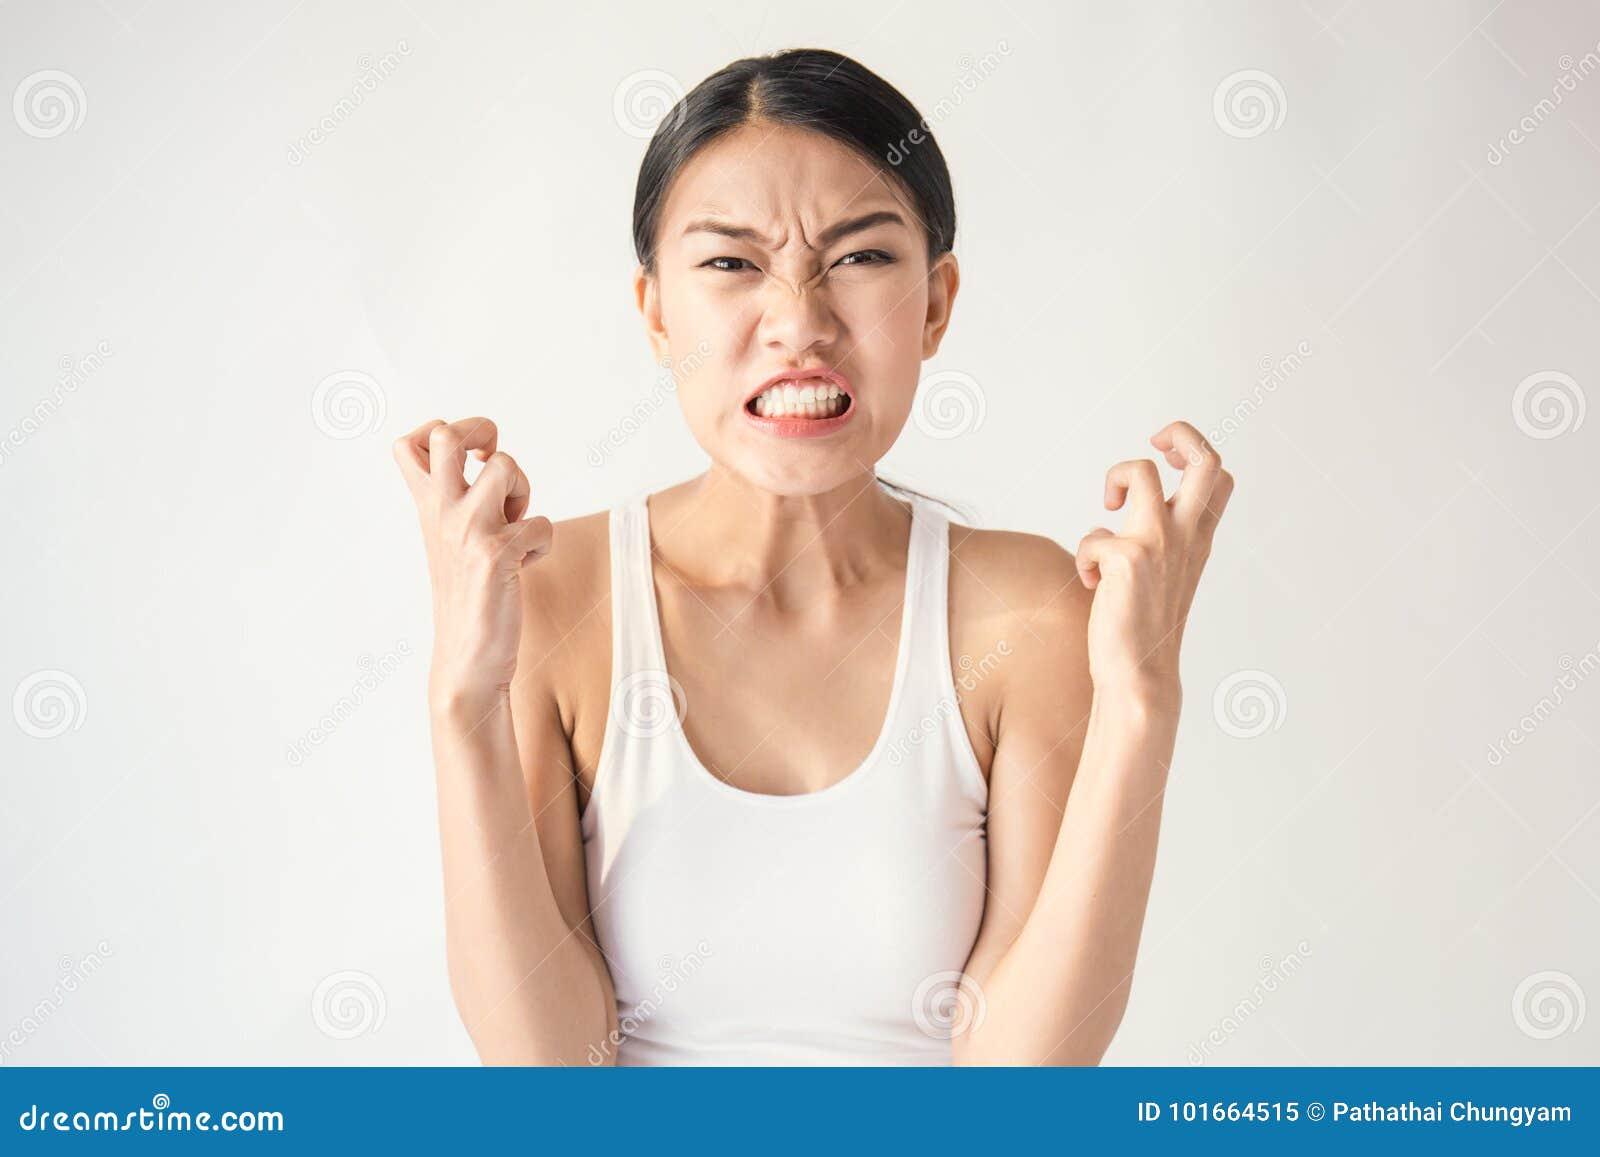 Stående av den ilskna eftertänksamma tokiga galna asiatiska kvinnan som ut skriker uttryckt, ansiktsbehandling